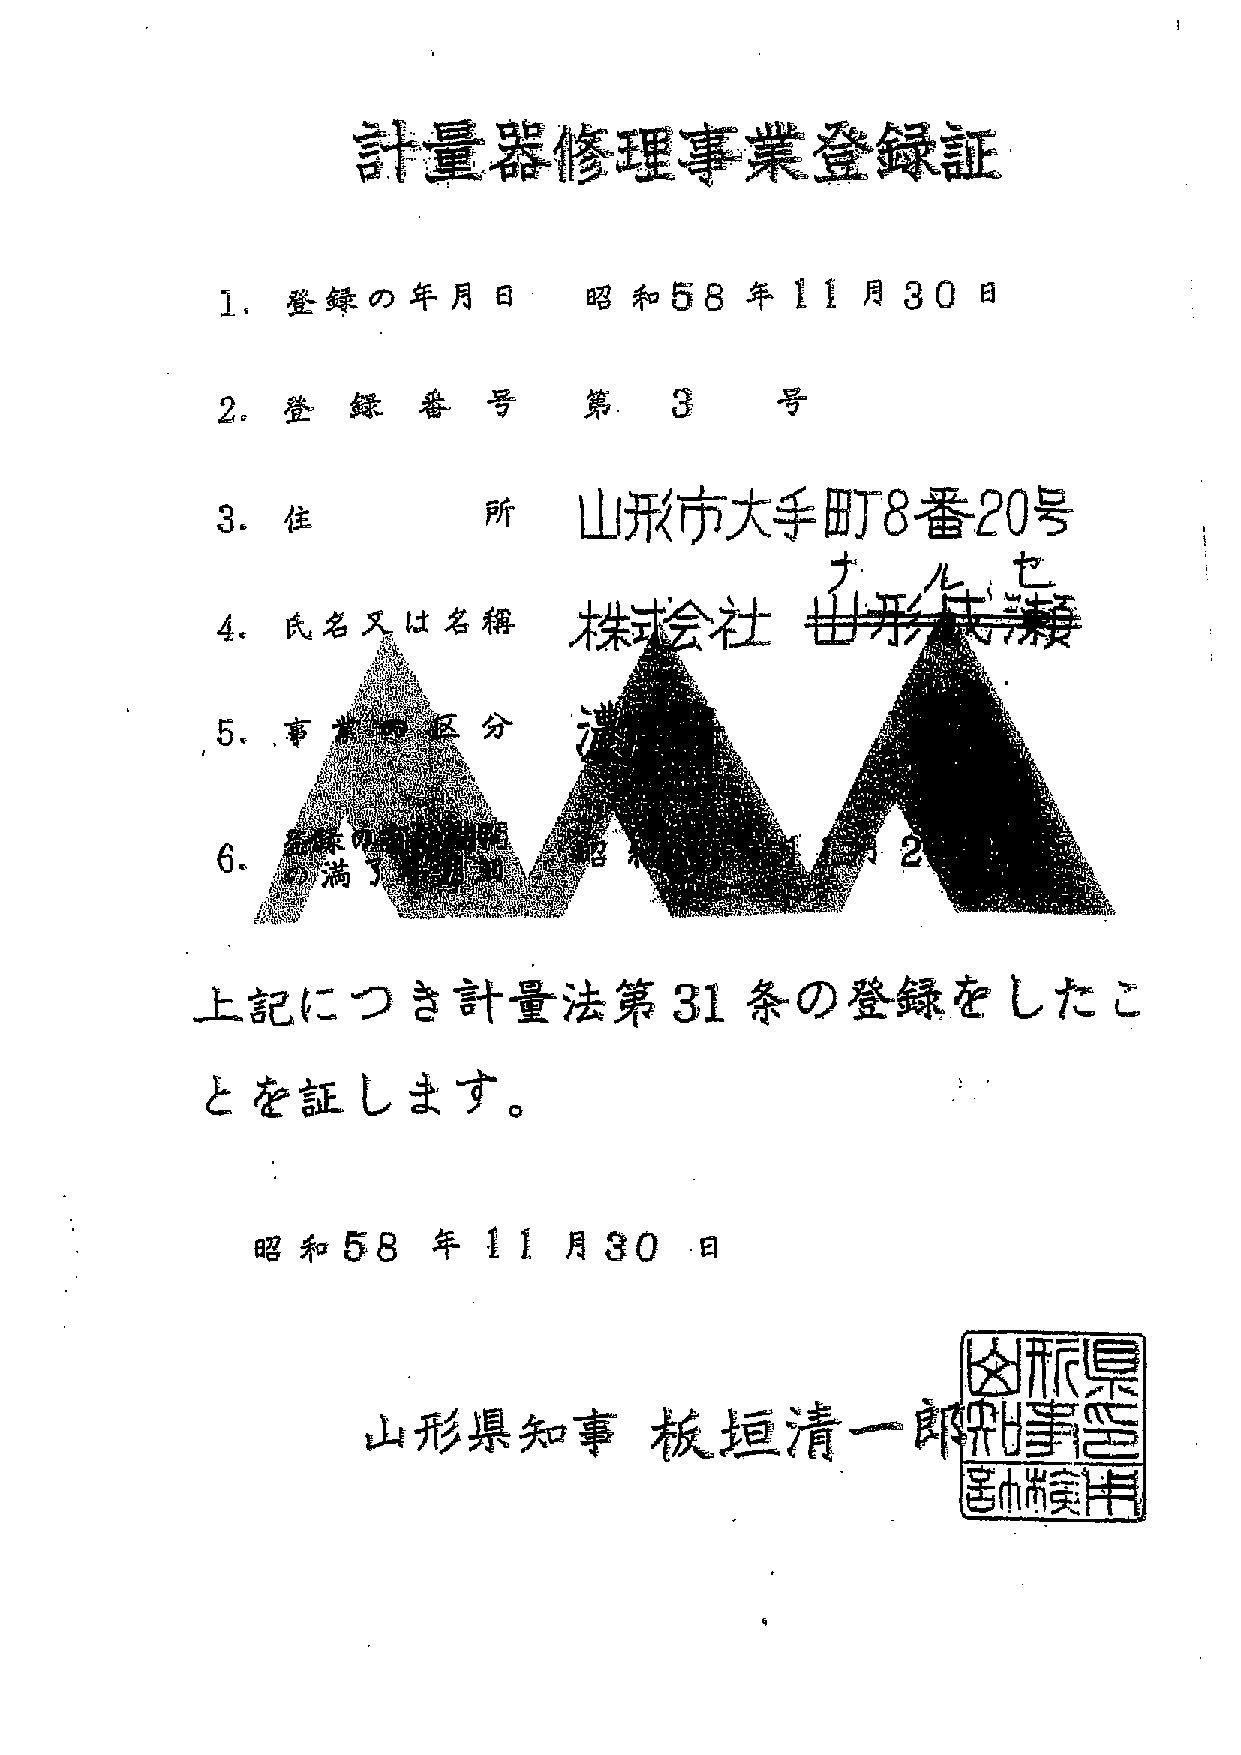 計測器修理事業登録 山形県知事事業区分濃度計第3号